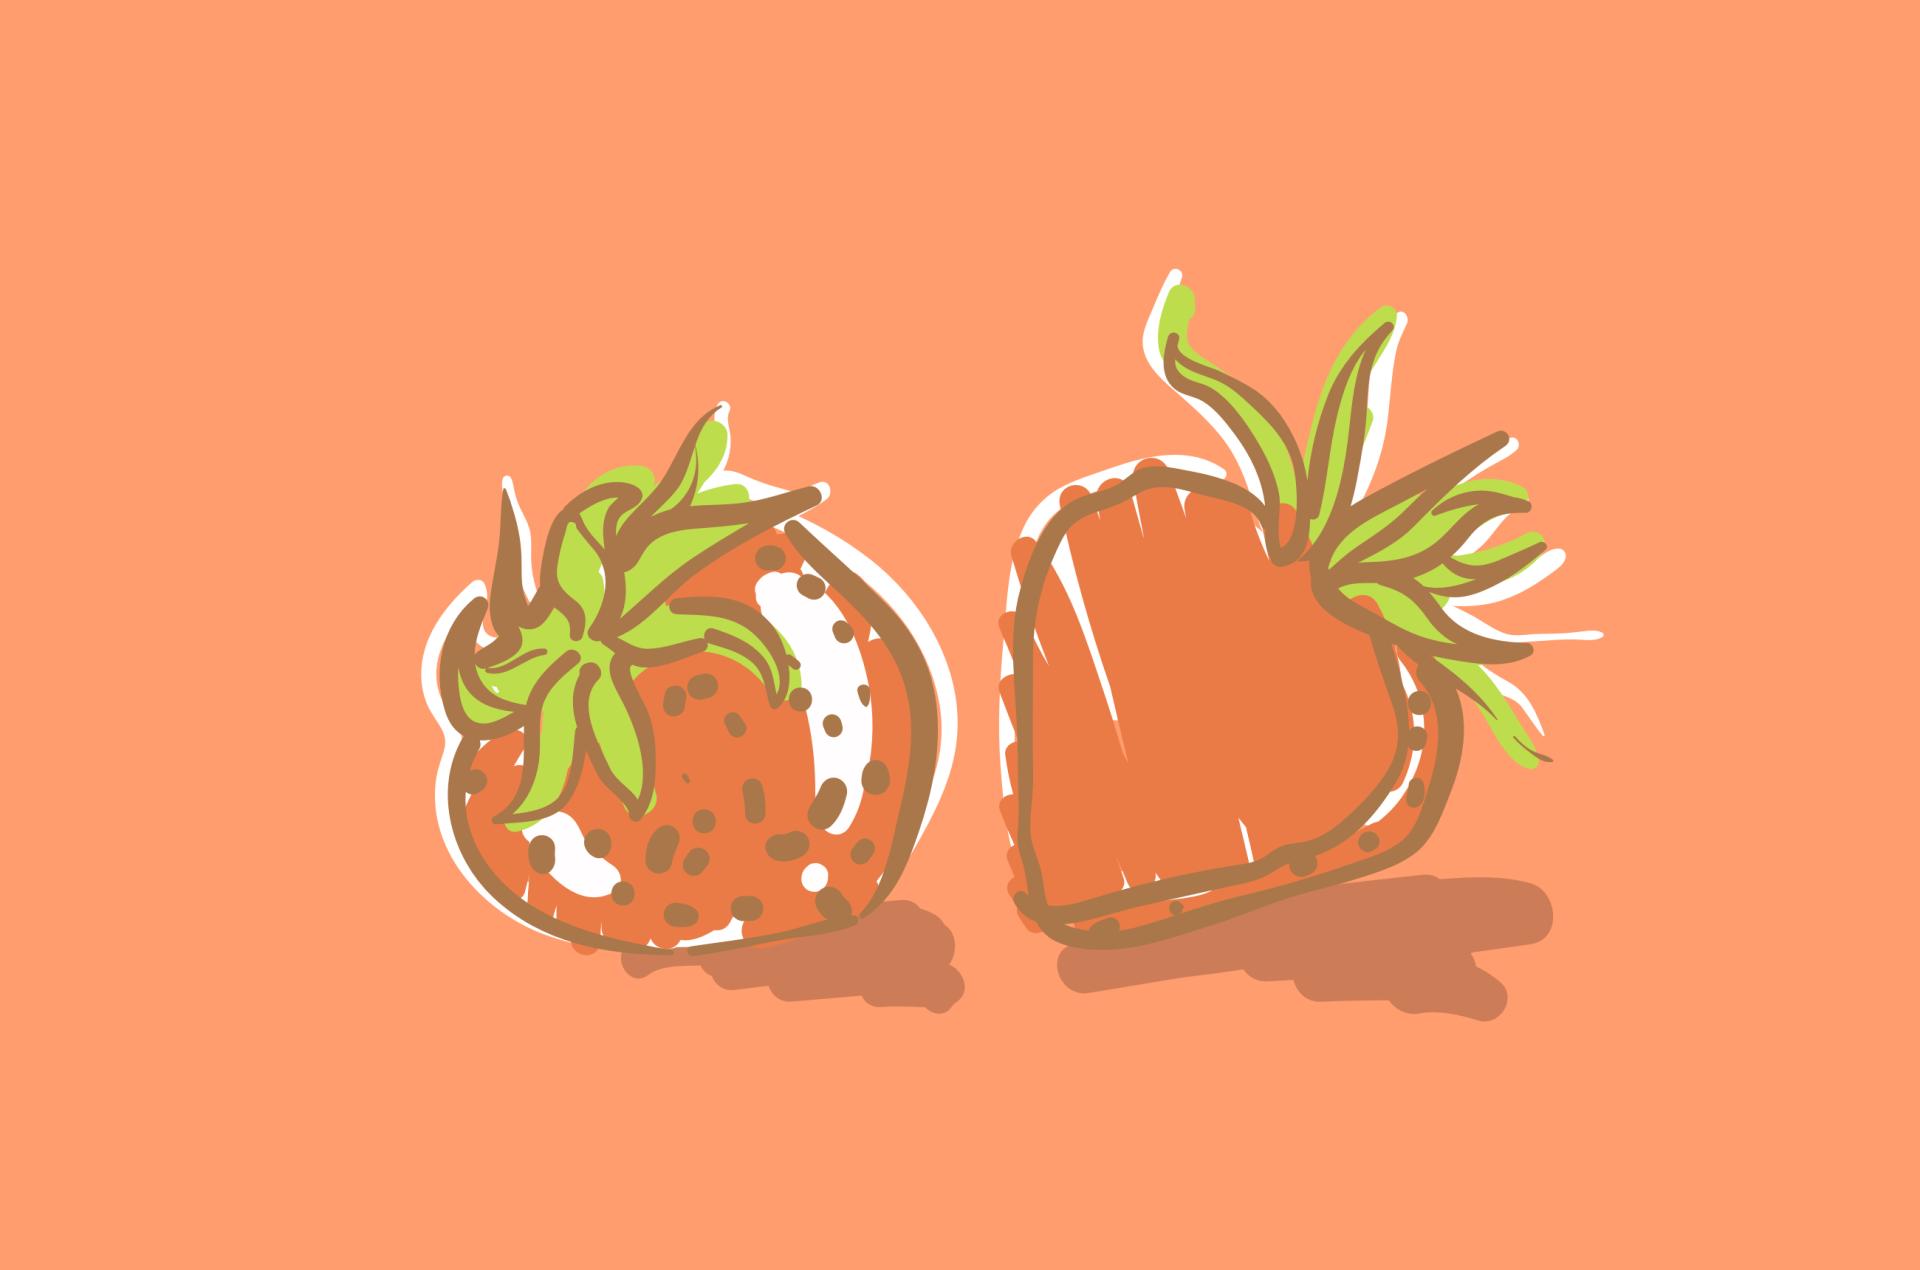 Strawberries graphic